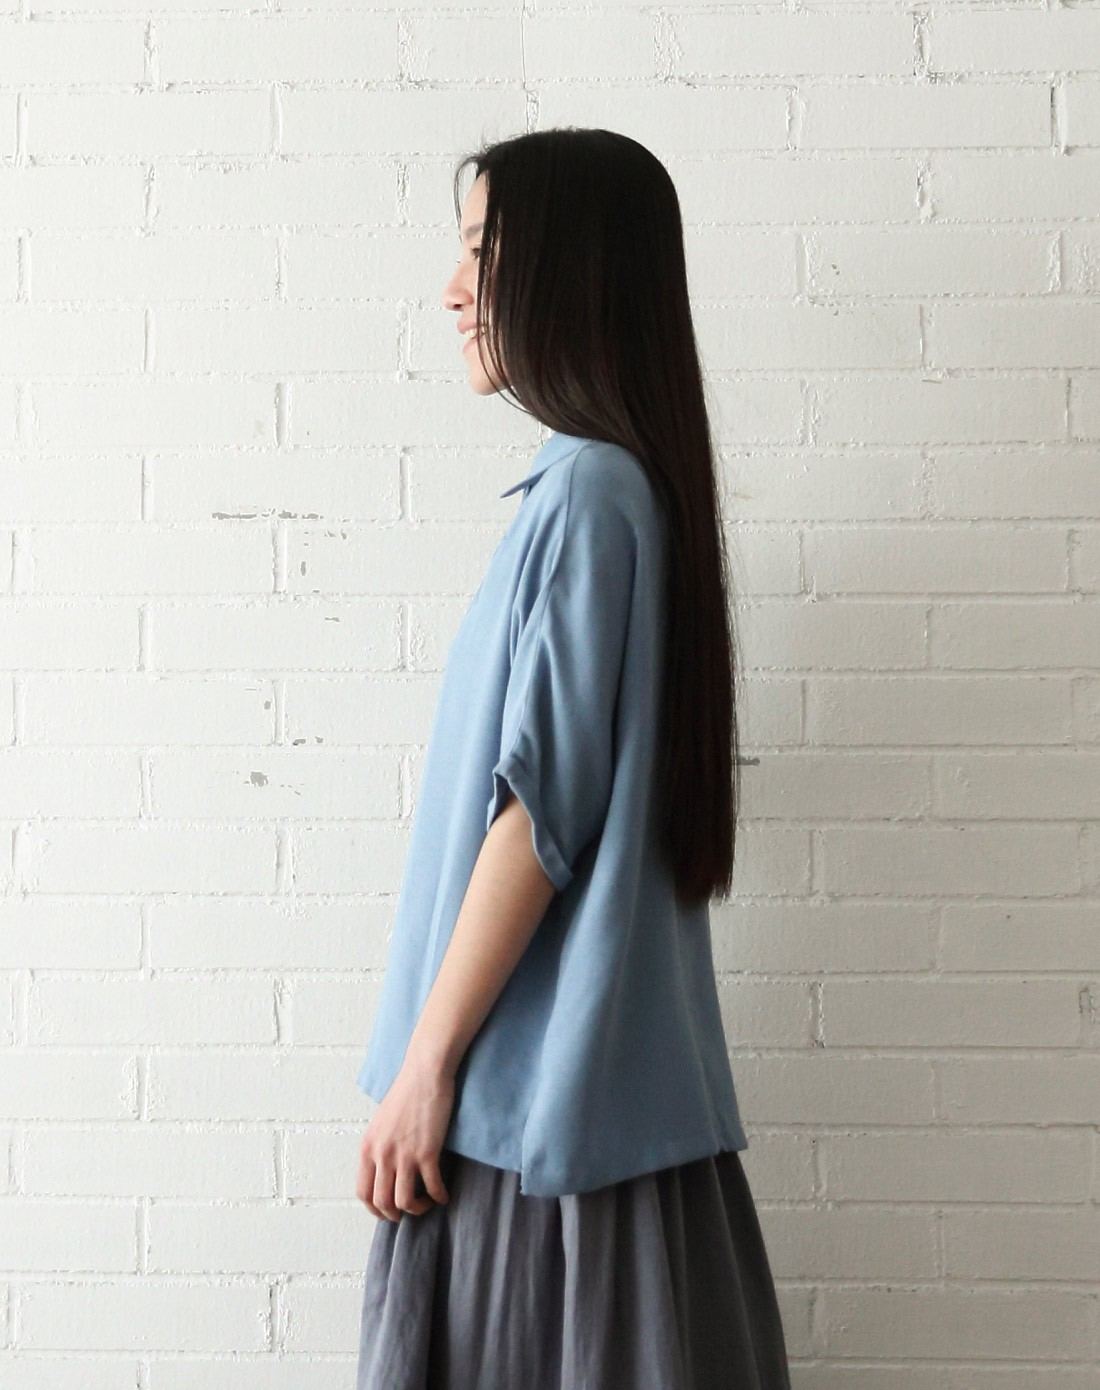 自古zigu&素缕souline男女装女士蓝色衬衫sl图片